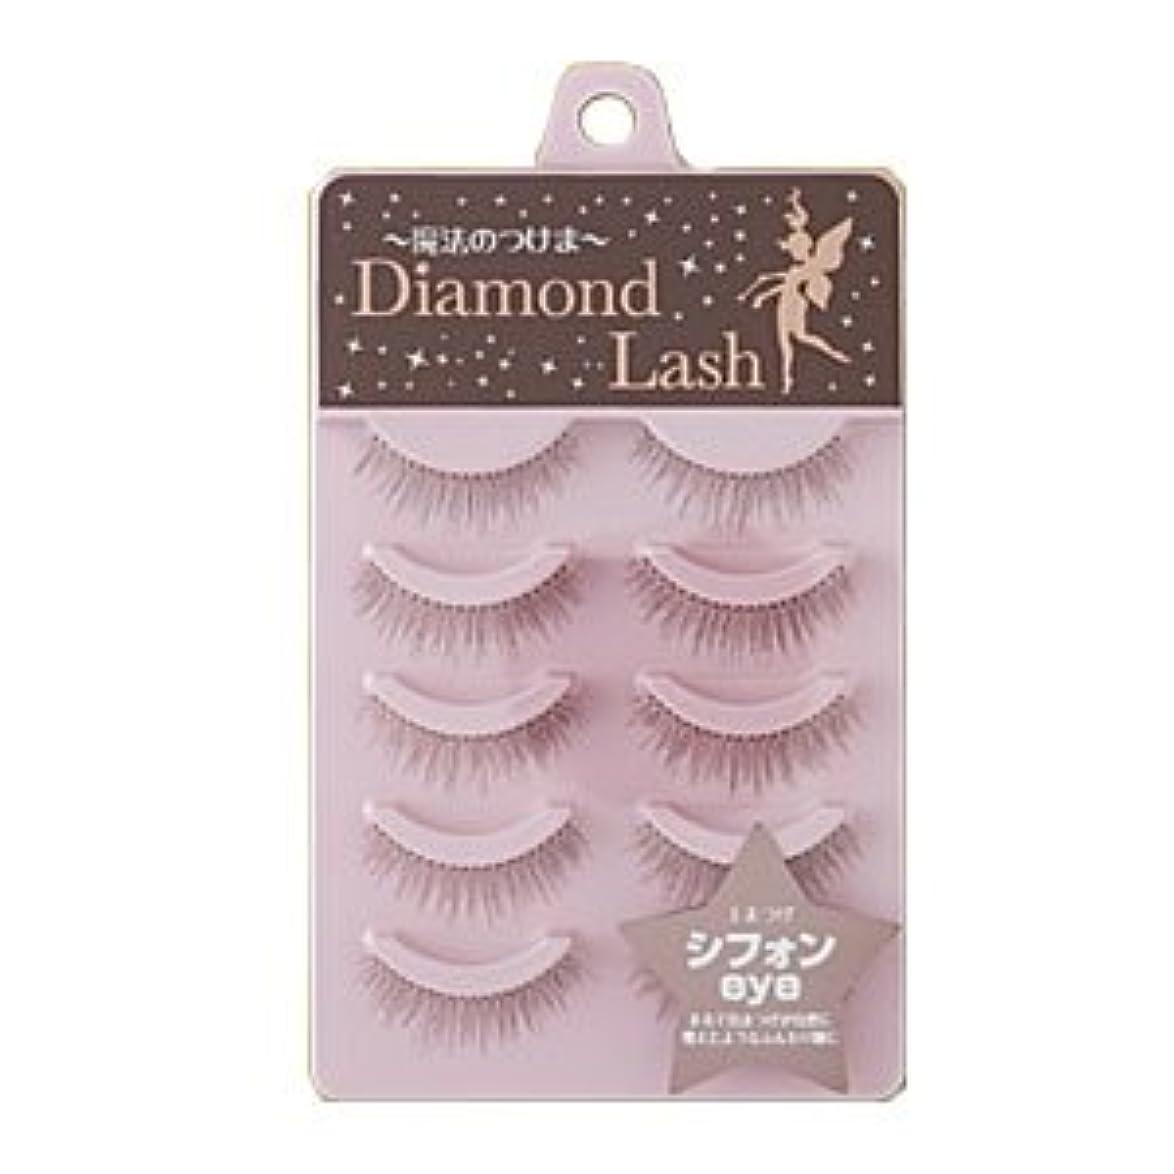 運ぶ変更可能シロクマダイヤモンドラッシュ Diamond Lash つけまつげ リッチブラウンシリーズ シフォンeye